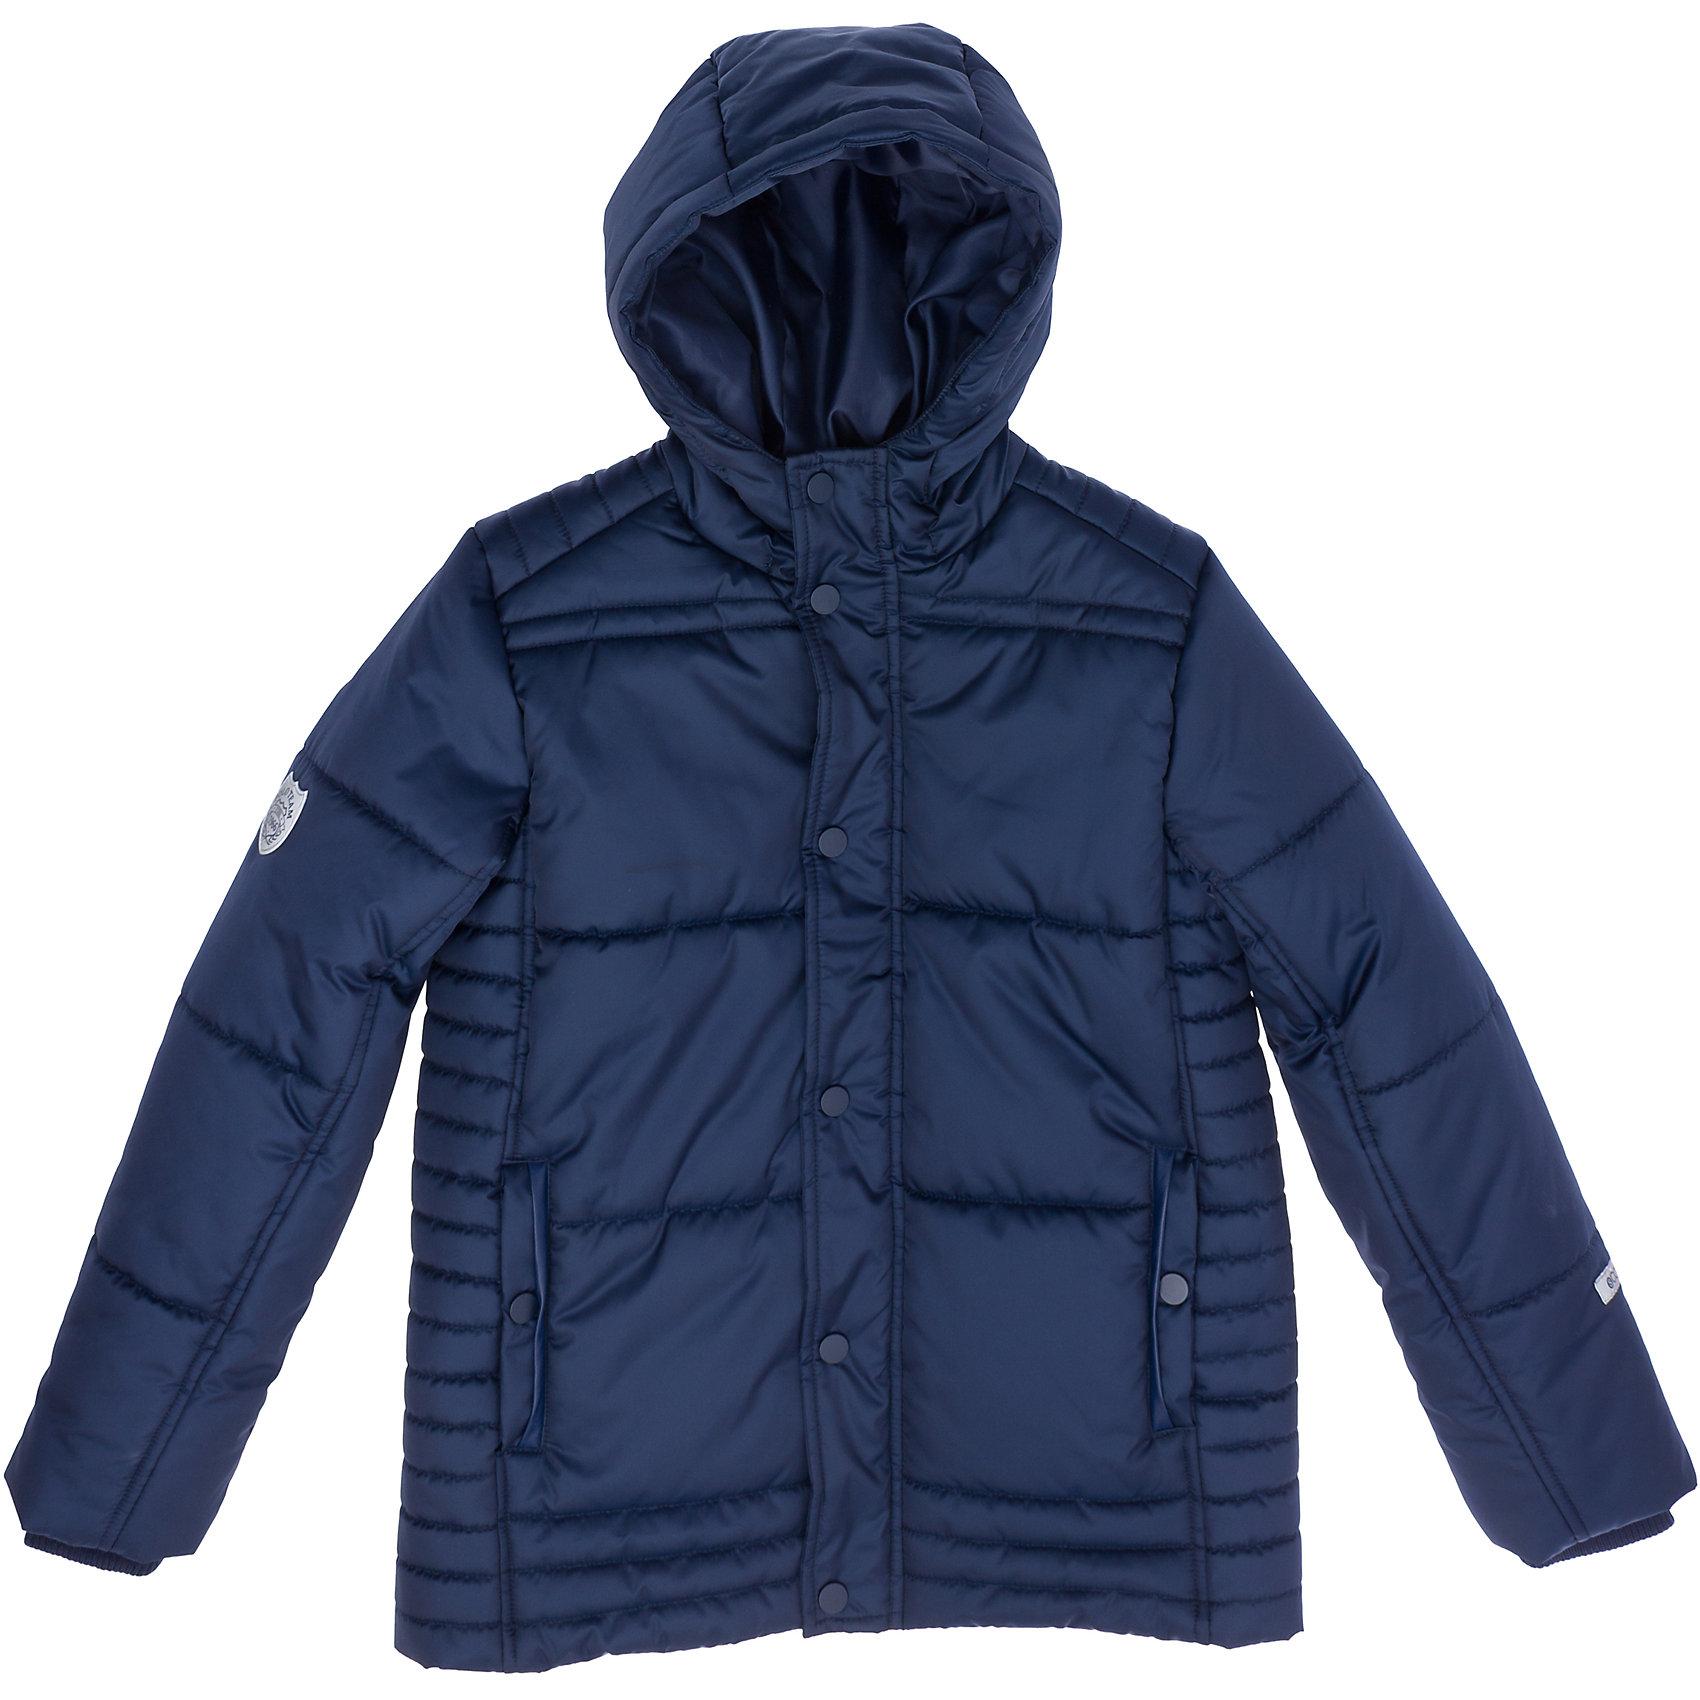 Куртка для мальчика ScoolВерхняя одежда<br>Куртка для мальчика от известного бренда Scool<br>Состав:<br>Верх: 100% полиэстер, Подкладка: 100% полиэстер, Наполнитель: 100% полиэстер, 250 г/м2<br>Теплая осенняя куртка стильного темно-синего цвета <br>* Подкладка таффета <br>* Застегивается на молнию и кнопки, рукава на резинке <br>* Капюшон утягивается стопперами <br>* Два кармана на кнопках<br><br>Ширина мм: 356<br>Глубина мм: 10<br>Высота мм: 245<br>Вес г: 519<br>Цвет: темно-синий<br>Возраст от месяцев: 132<br>Возраст до месяцев: 144<br>Пол: Мужской<br>Возраст: Детский<br>Размер: 152,146,158,140,134,122,128,164<br>SKU: 4686632